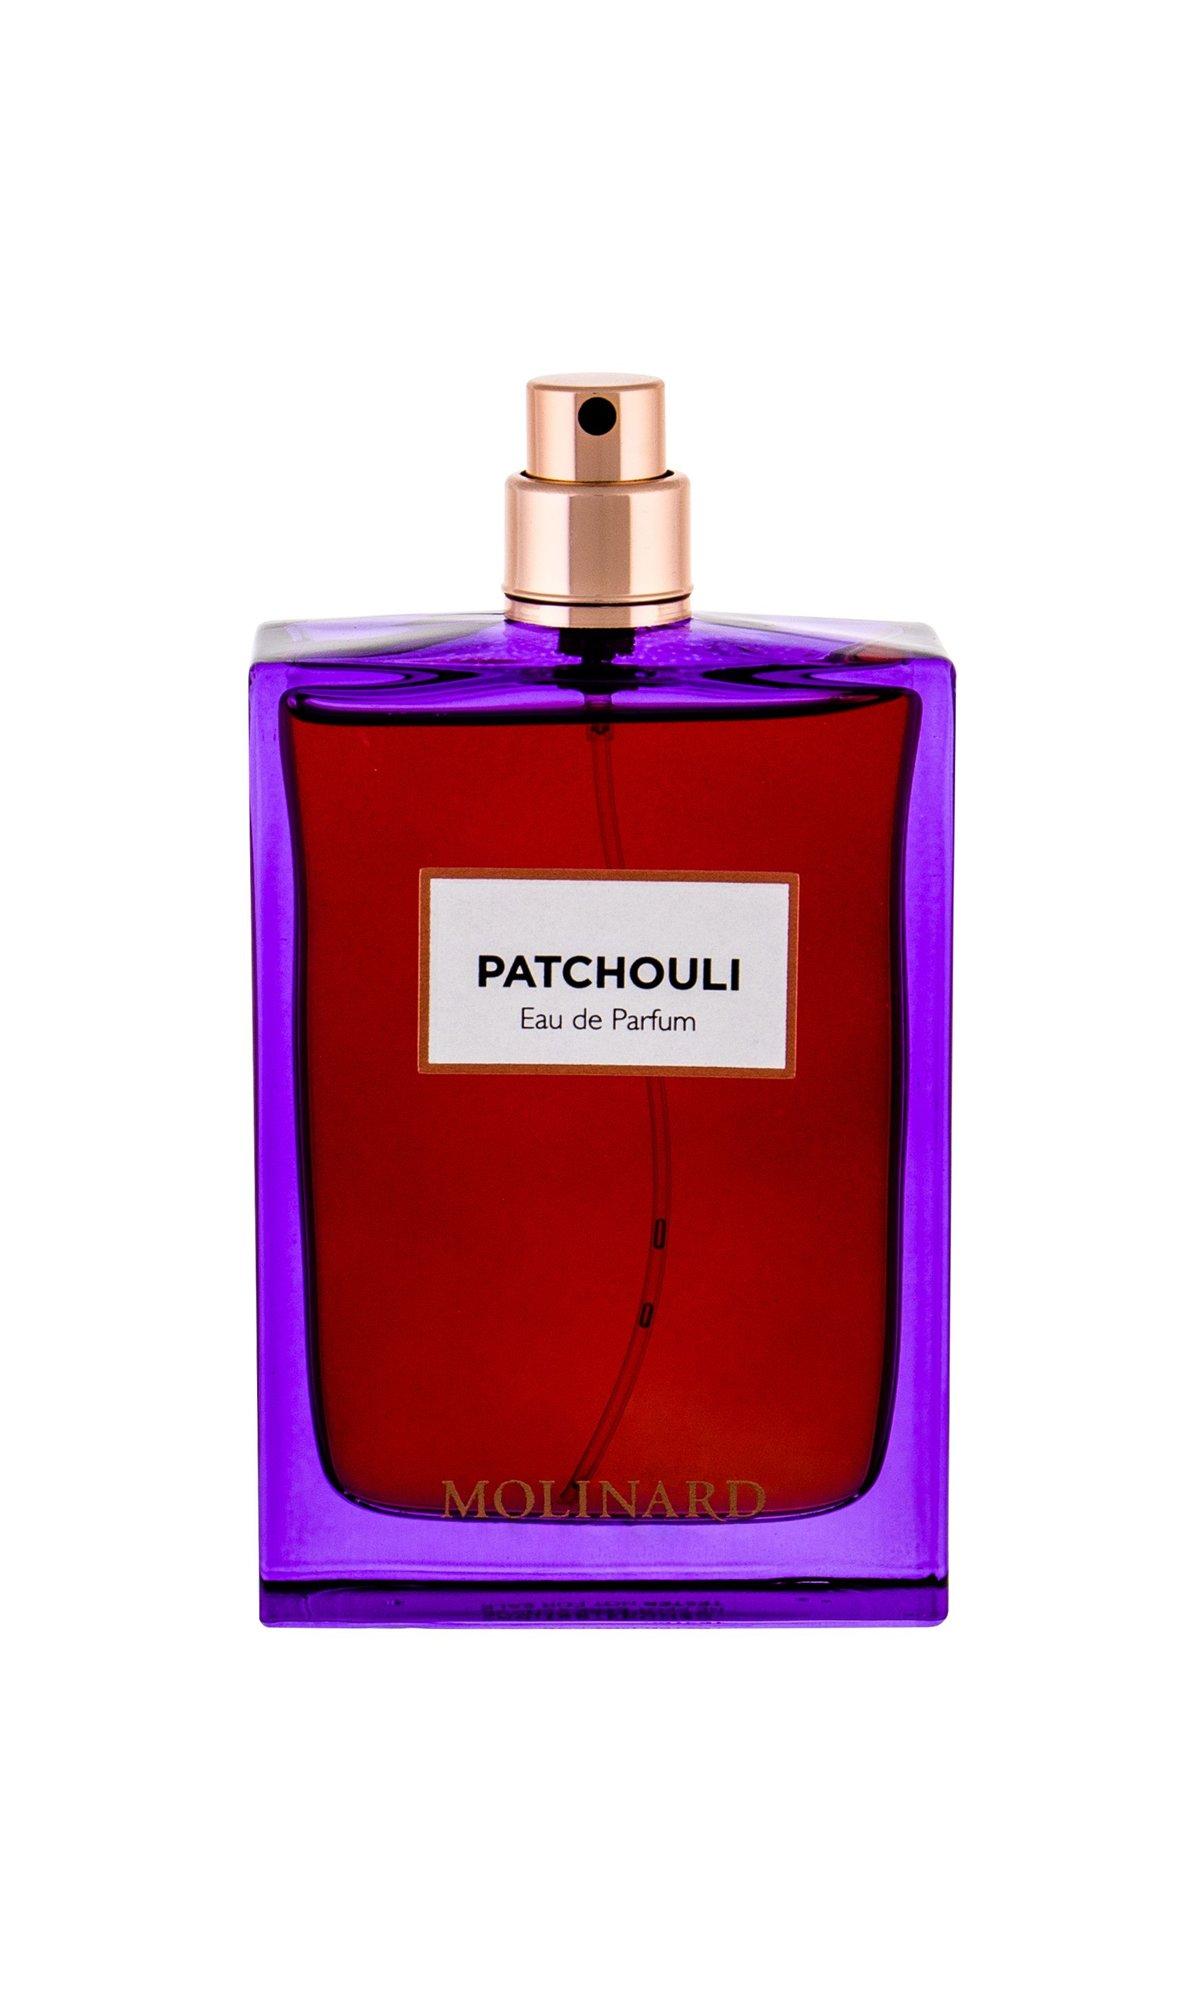 Molinard Les Elements Collection Eau de Parfum 75ml